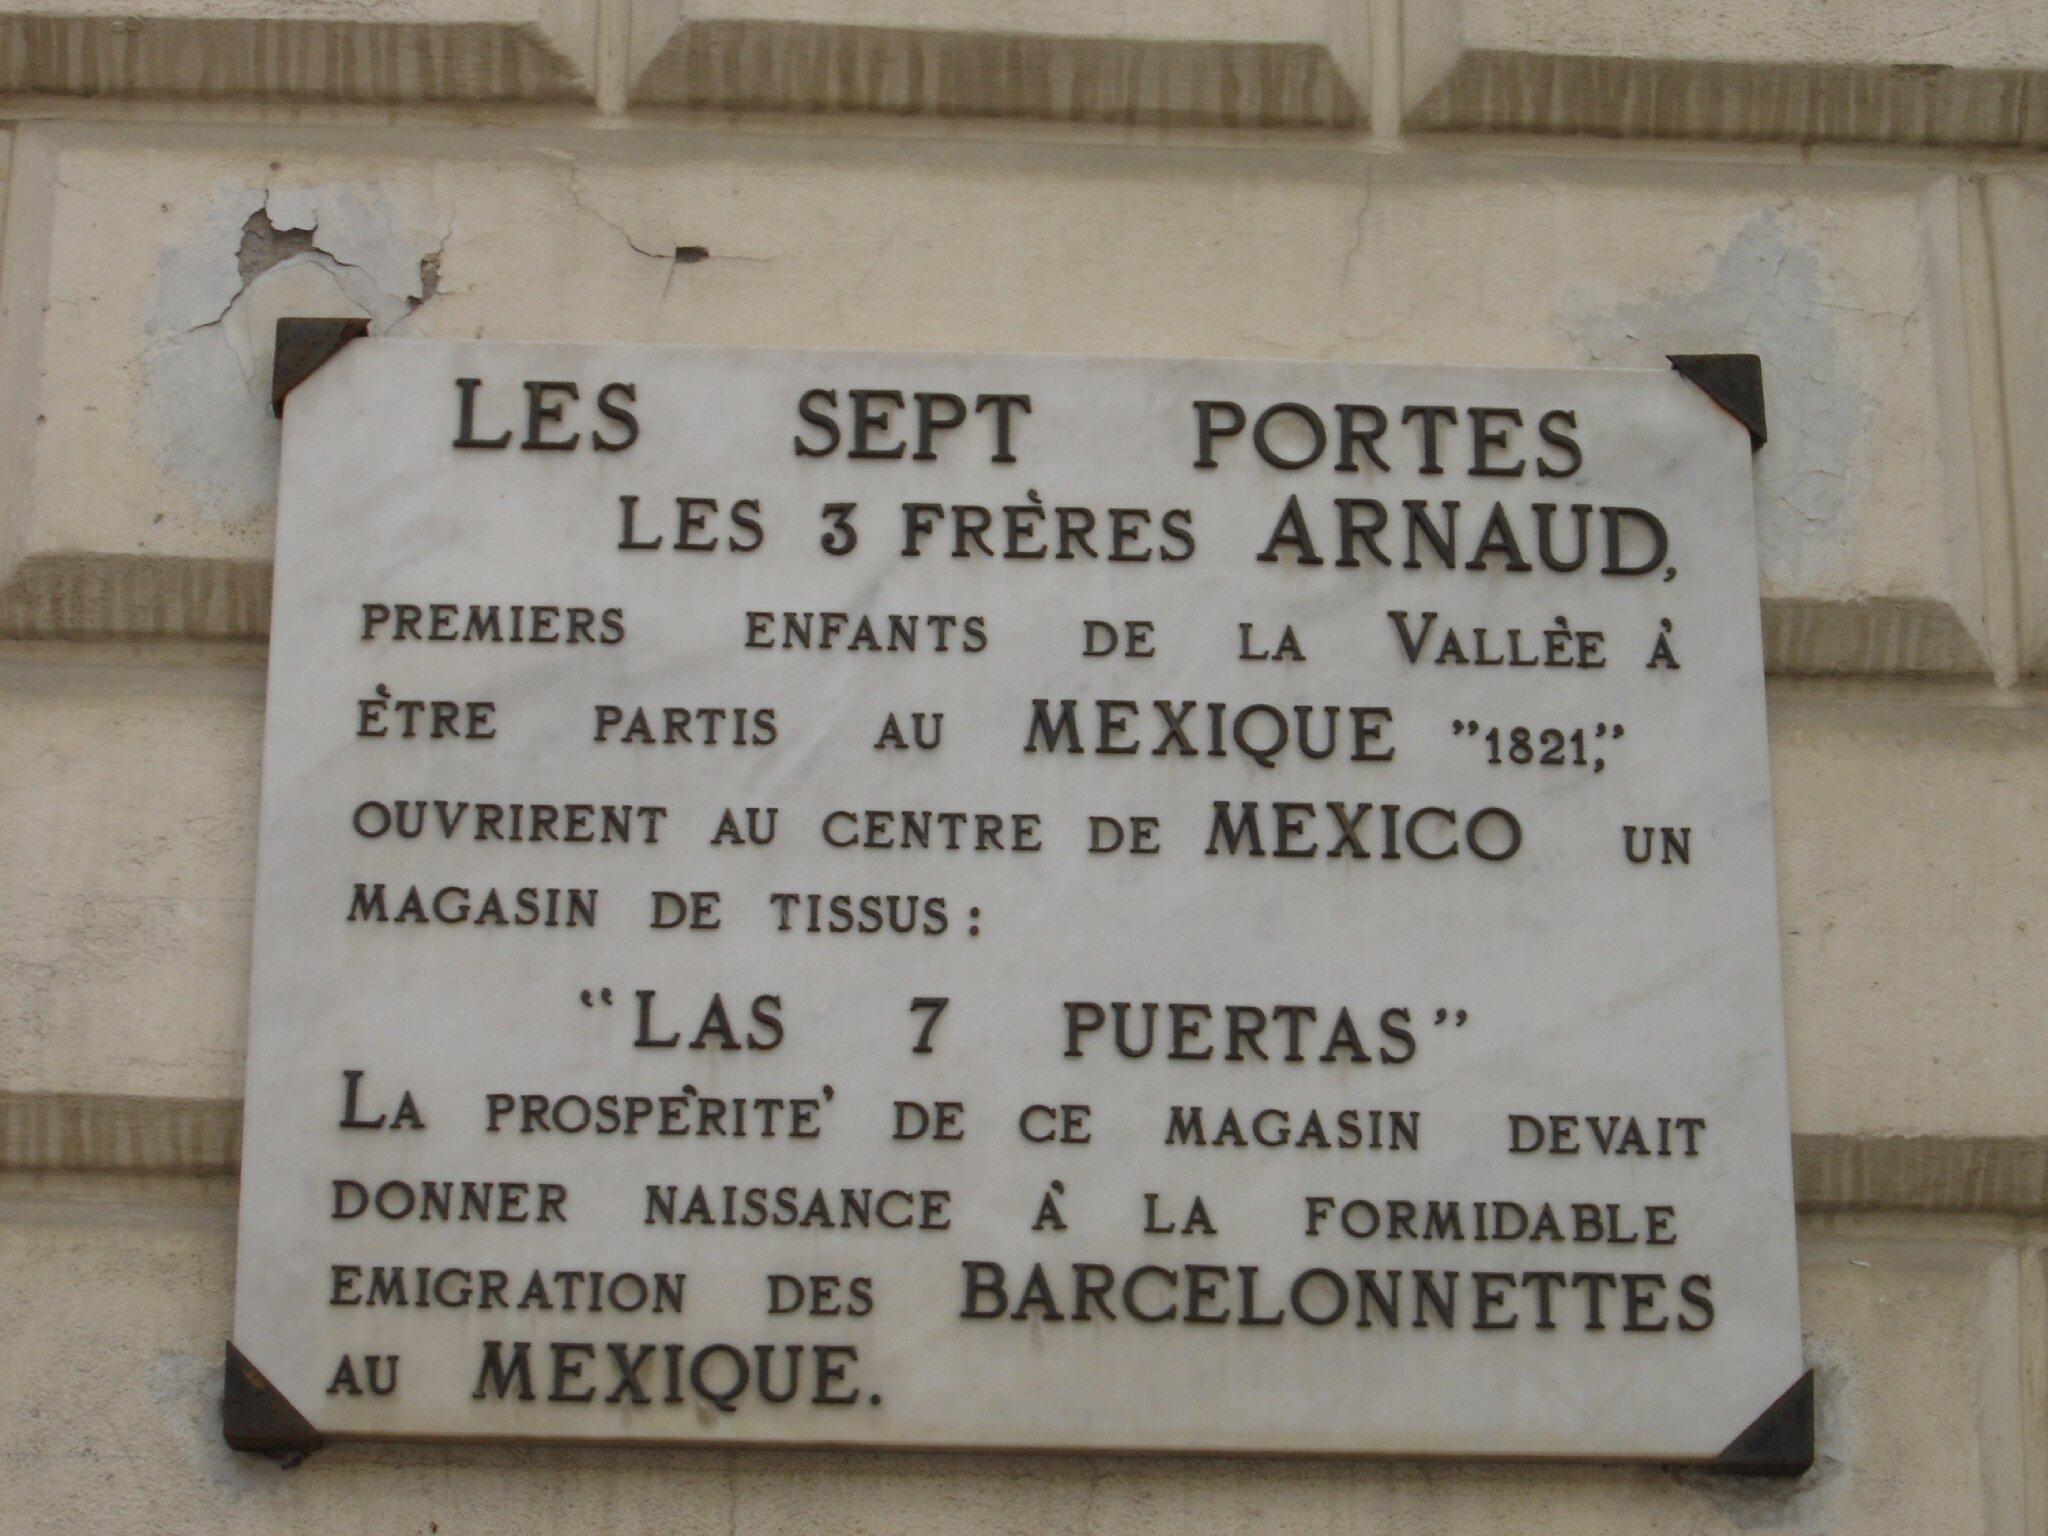 Le rêve mexicain des Barcelonnettes - Passion Provence